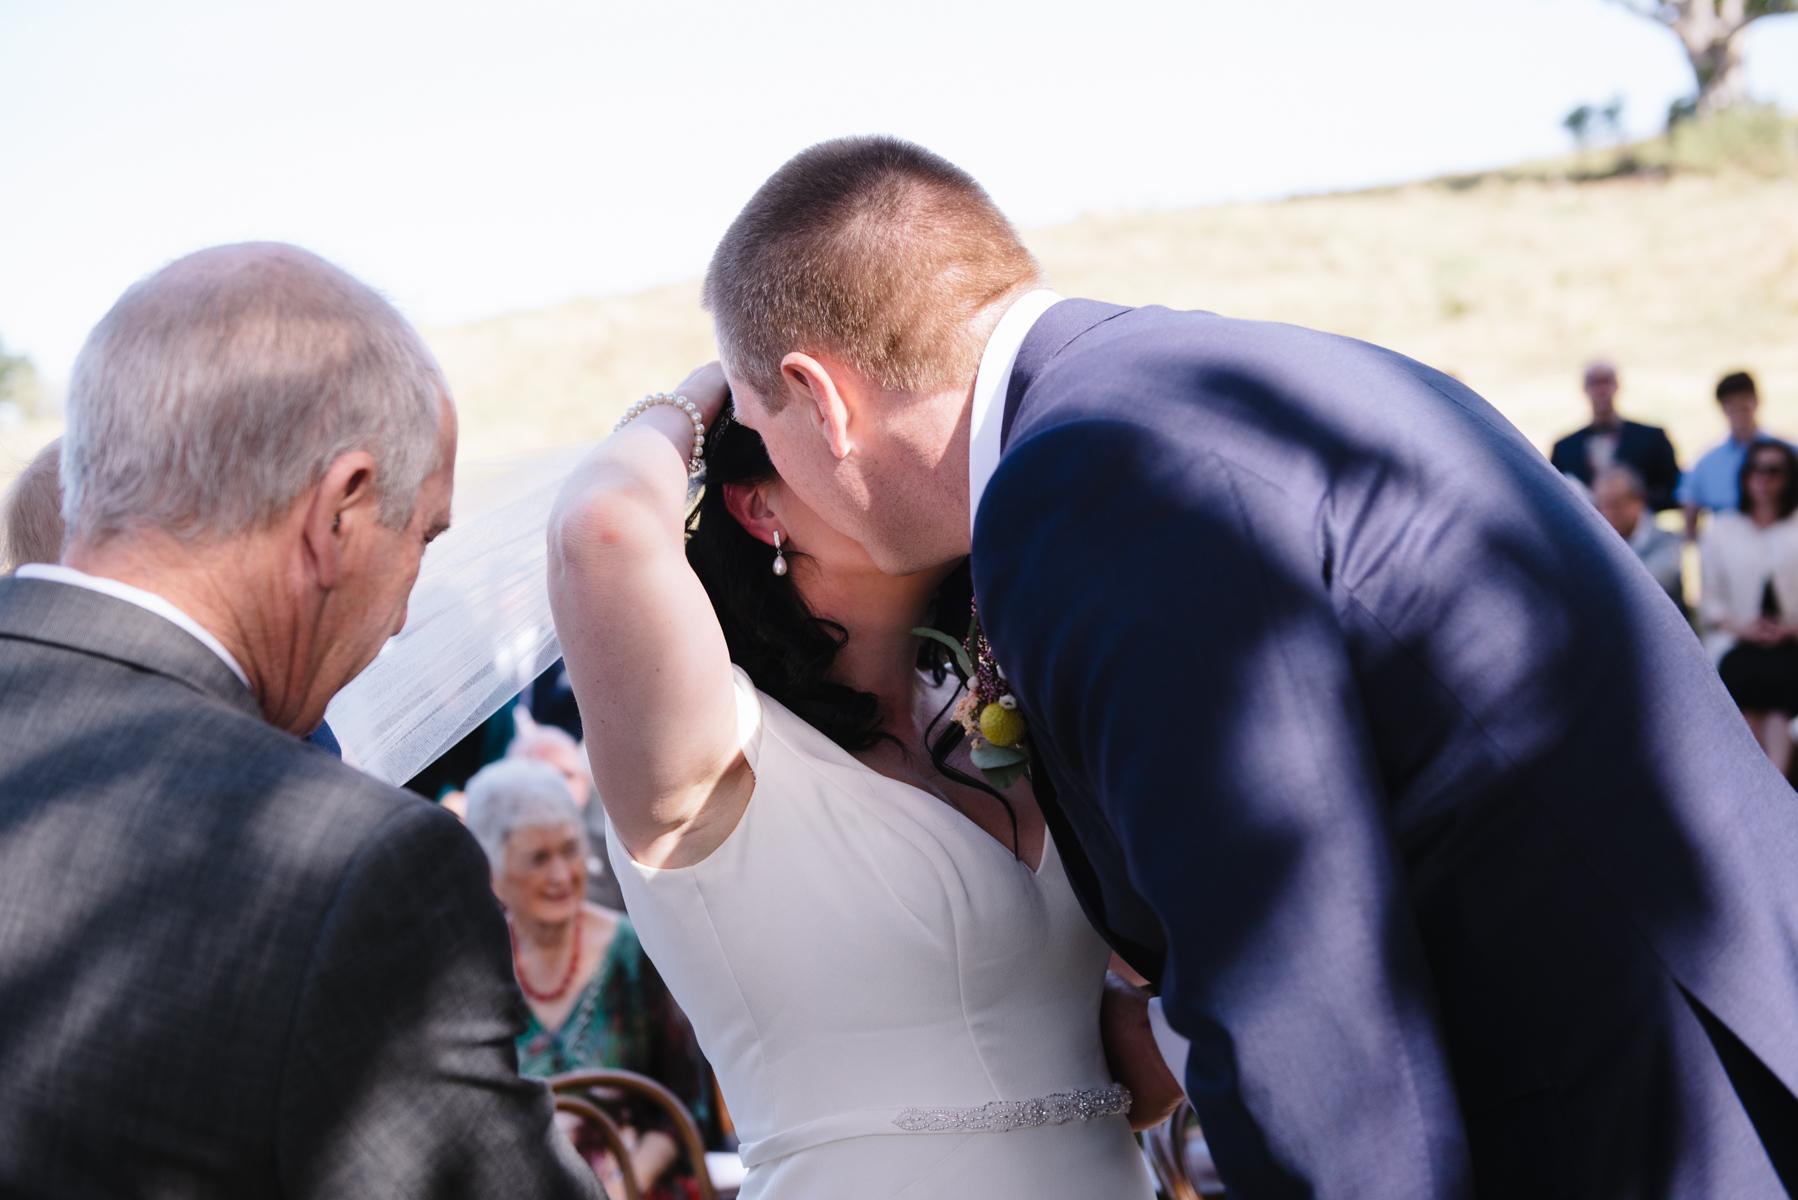 sarahandBenwedding- skyla sage photography weddings, families, byron bay,tweed coast,kingscliff,cabarita,gold coast-379.jpg